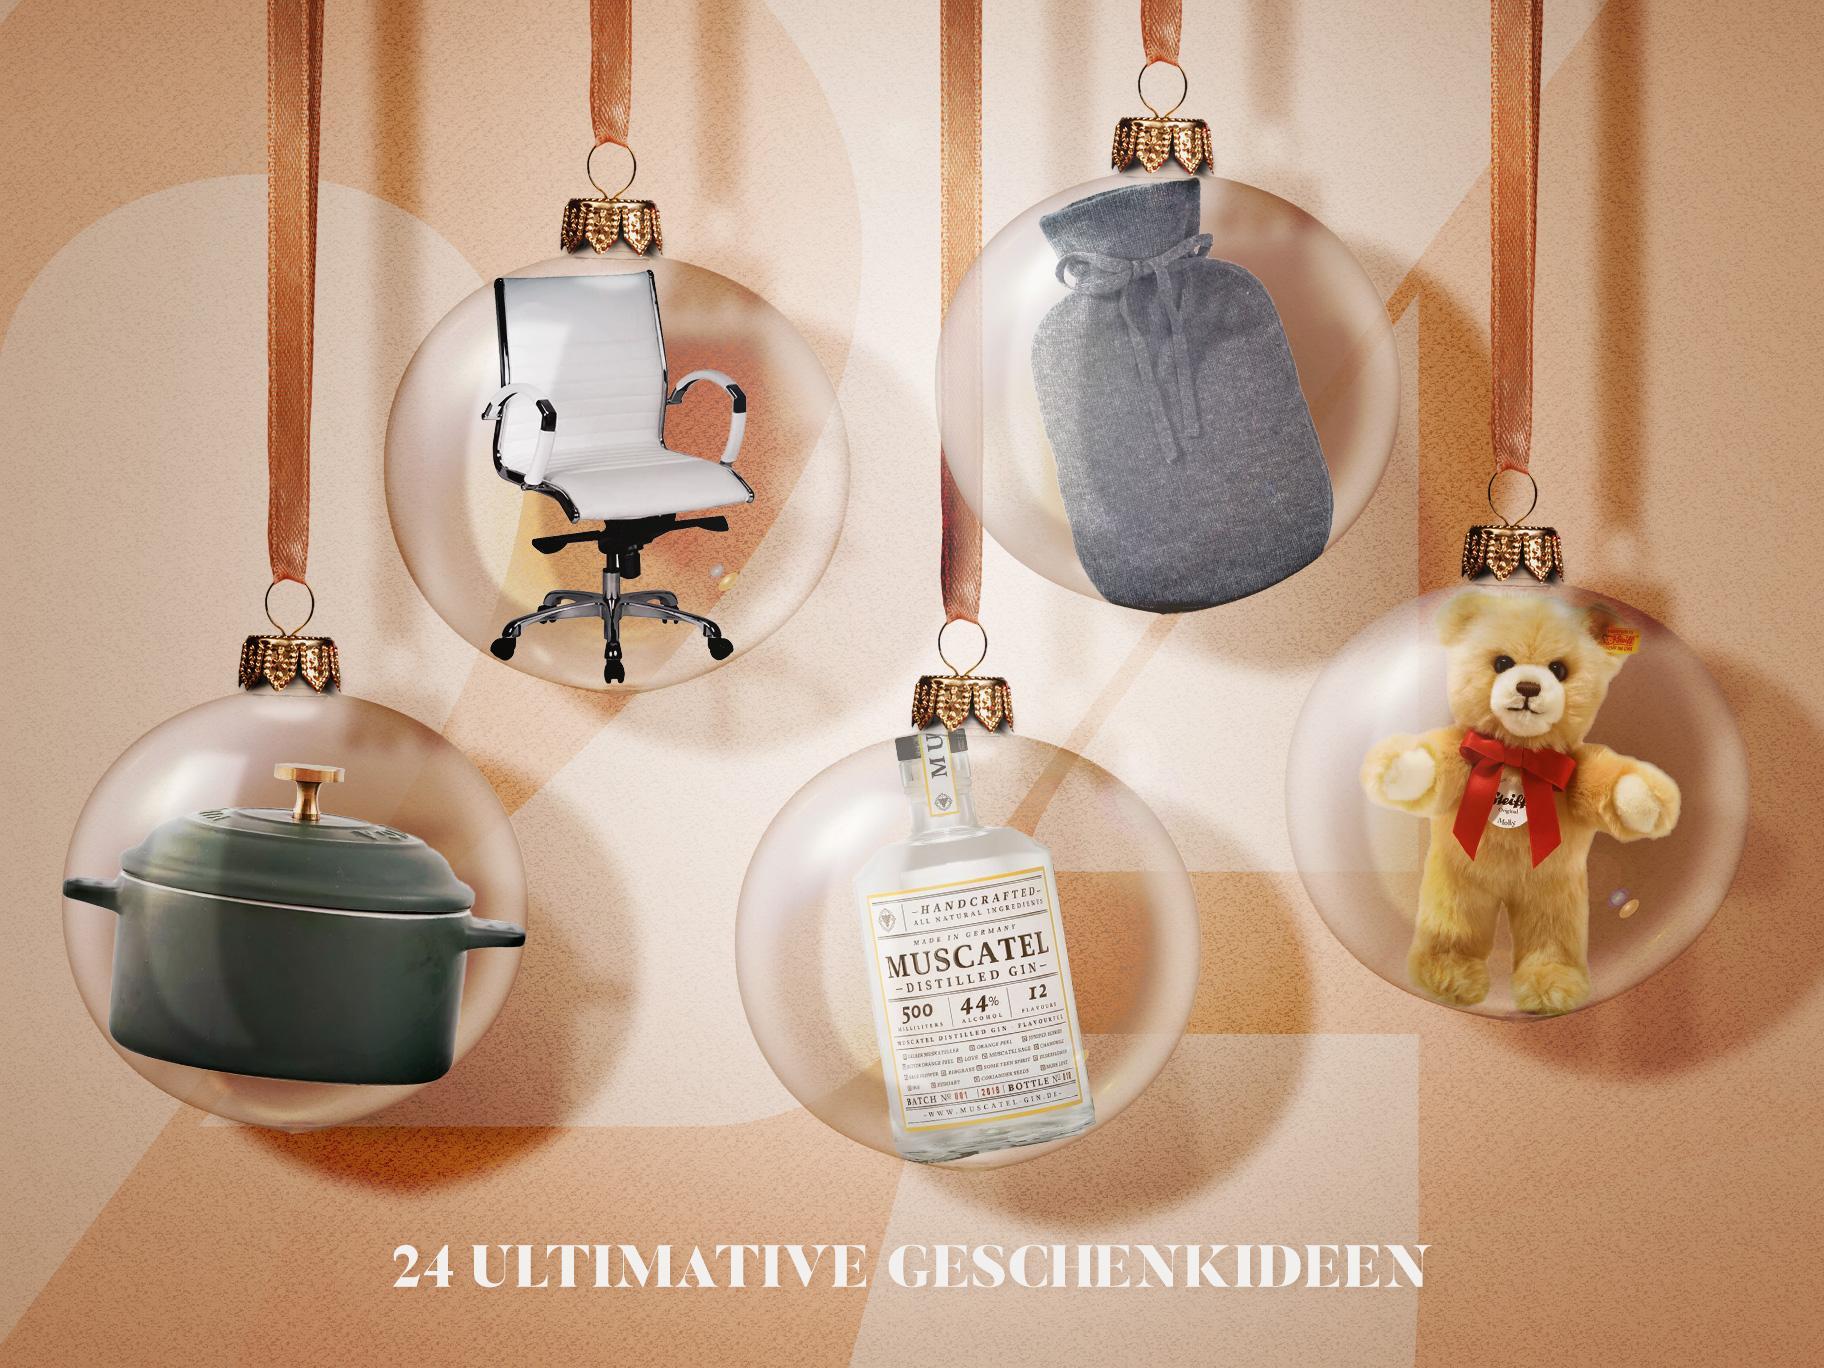 24 ultimative Geschenkideen